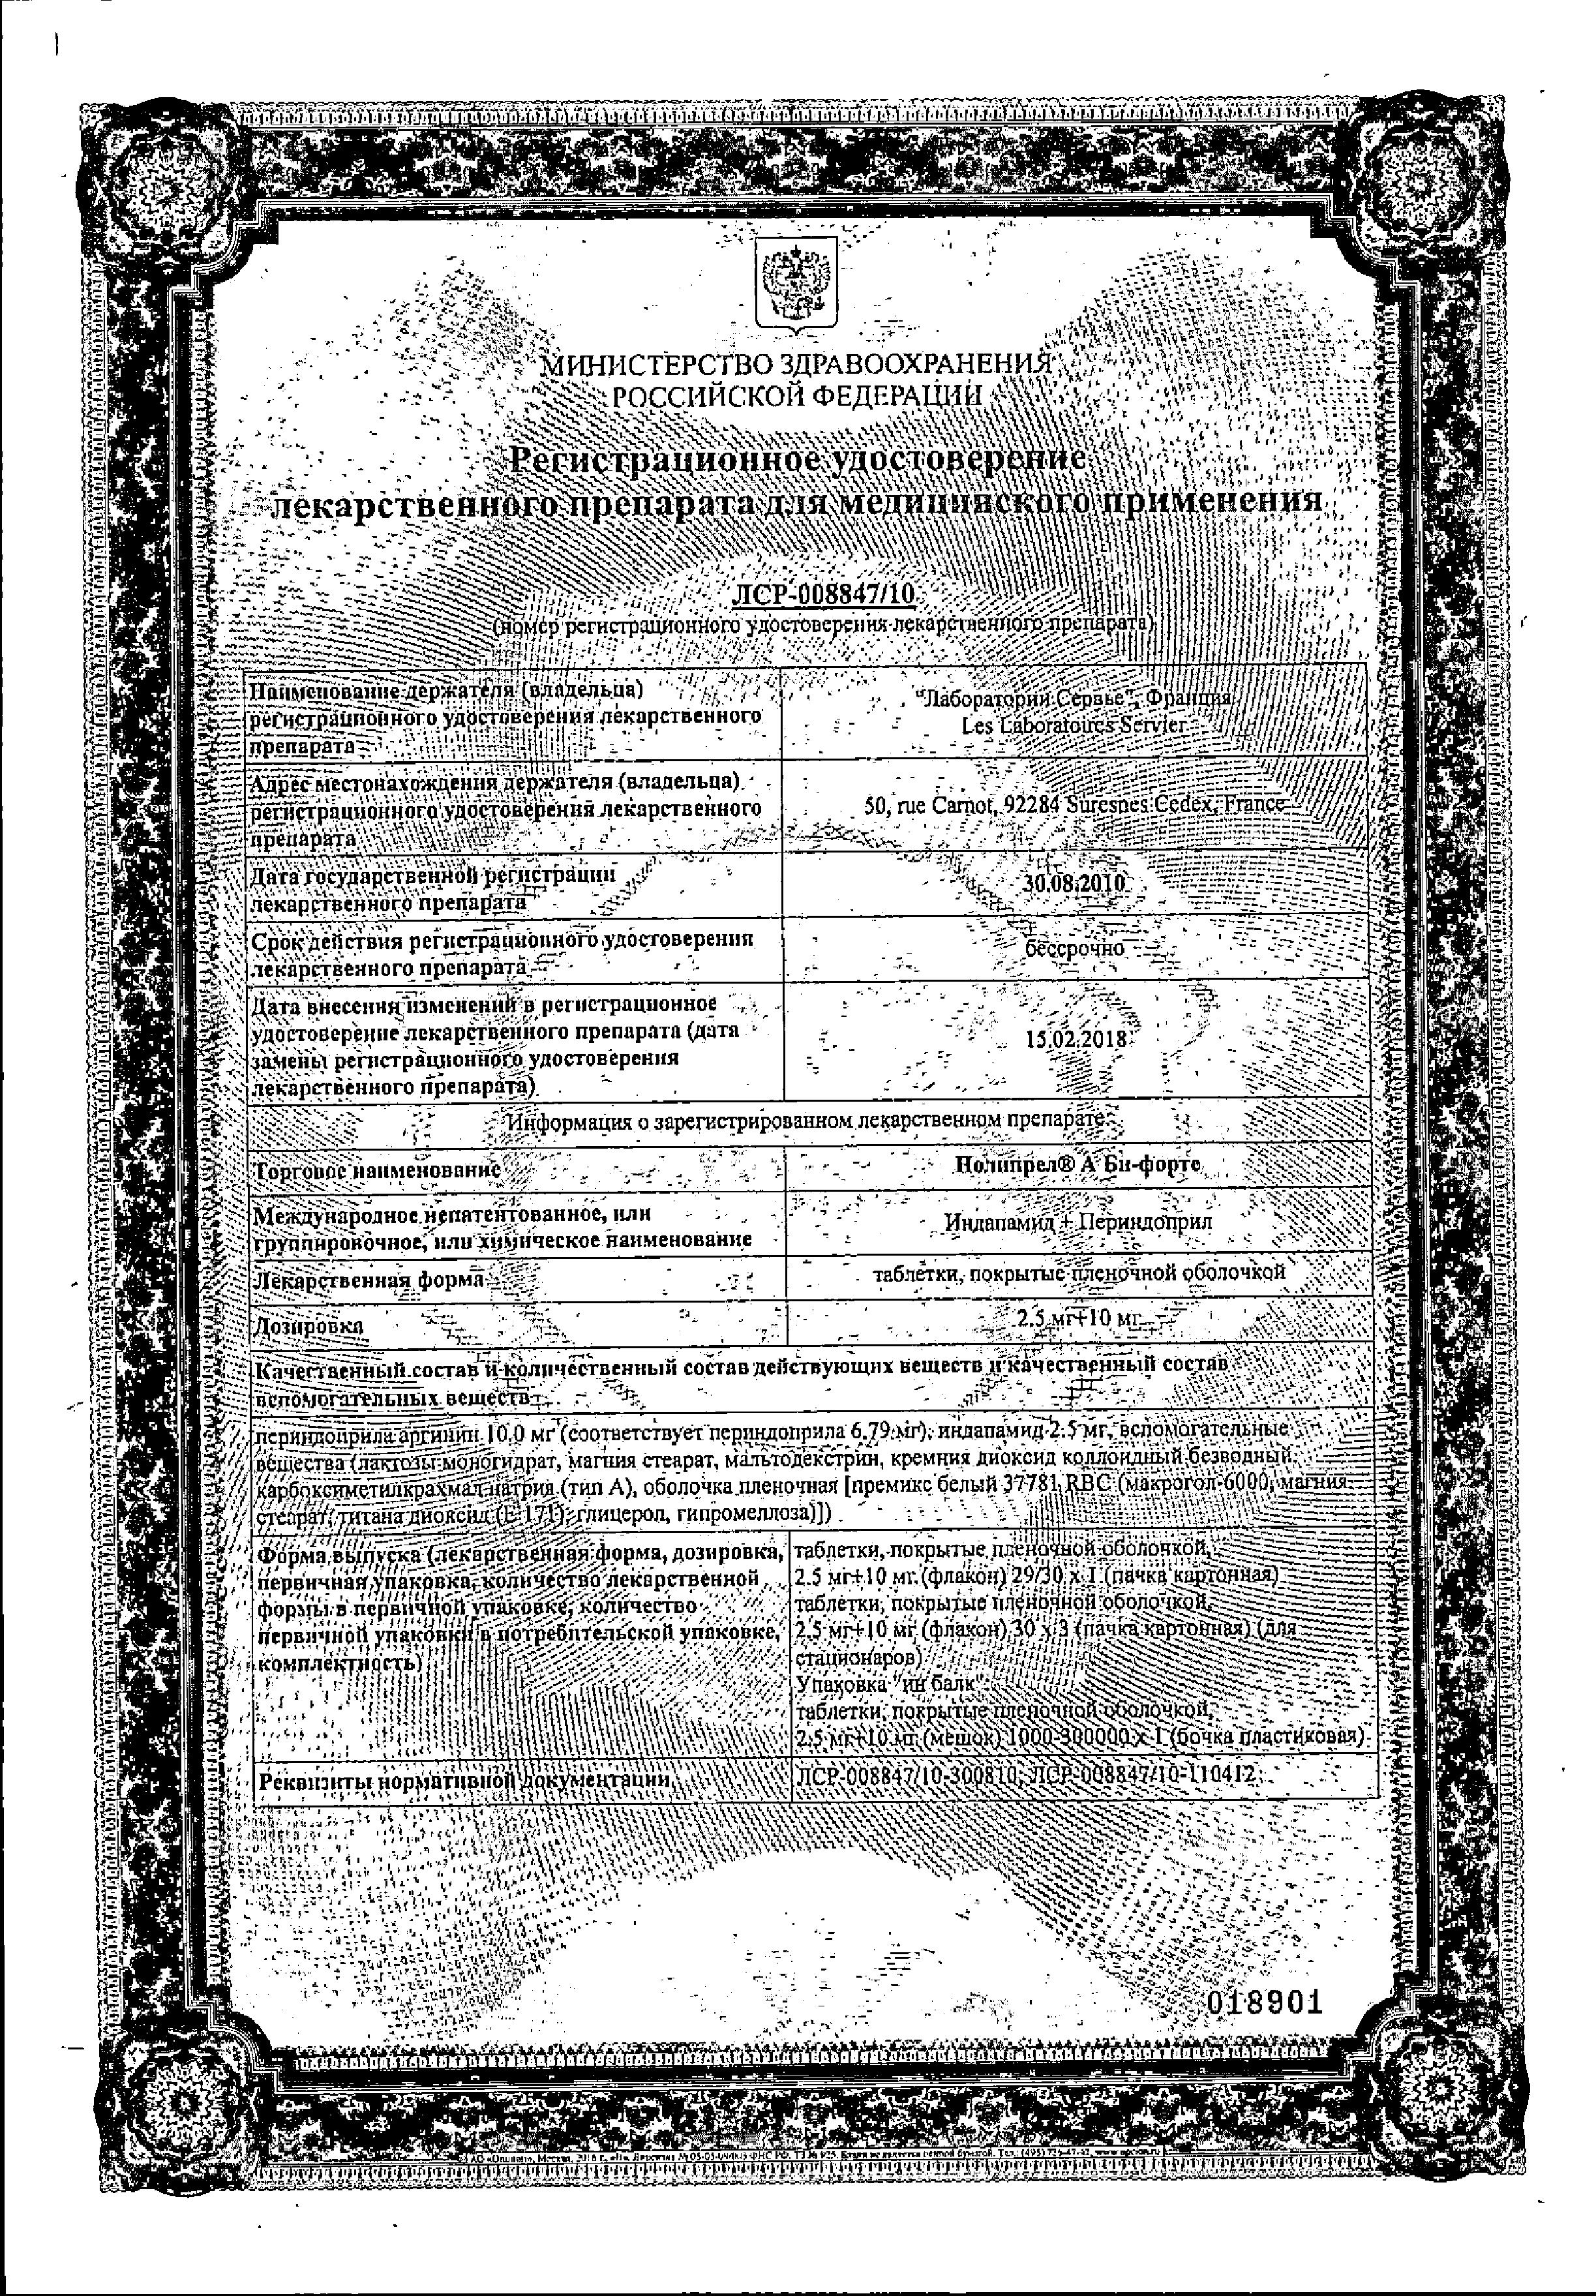 Нолипрел А Би-форте сертификат